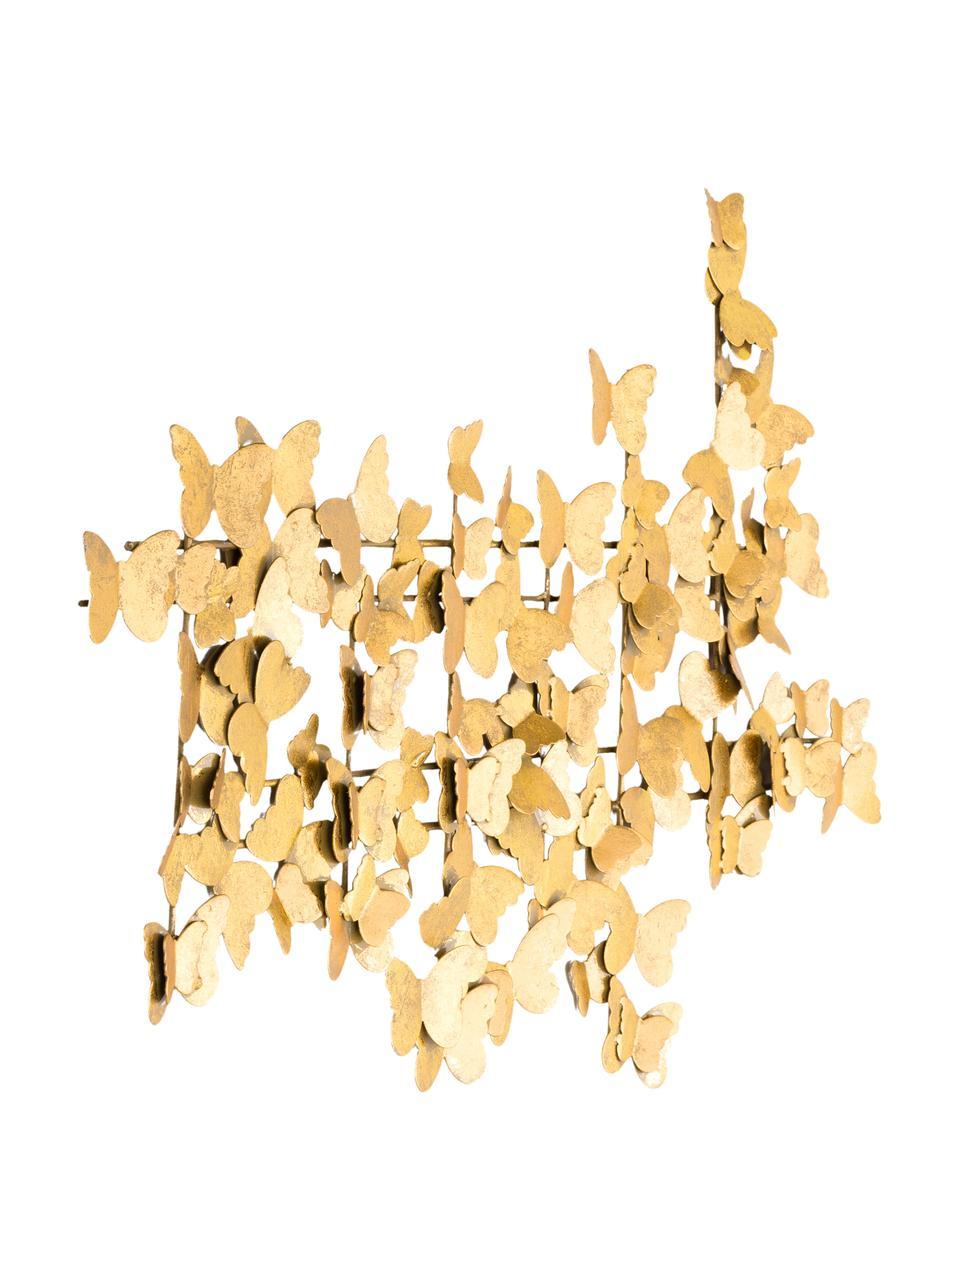 Wandobject Butterfly van metaal in antieke look, Metaal, Goudkleurig, 104 x 62 cm